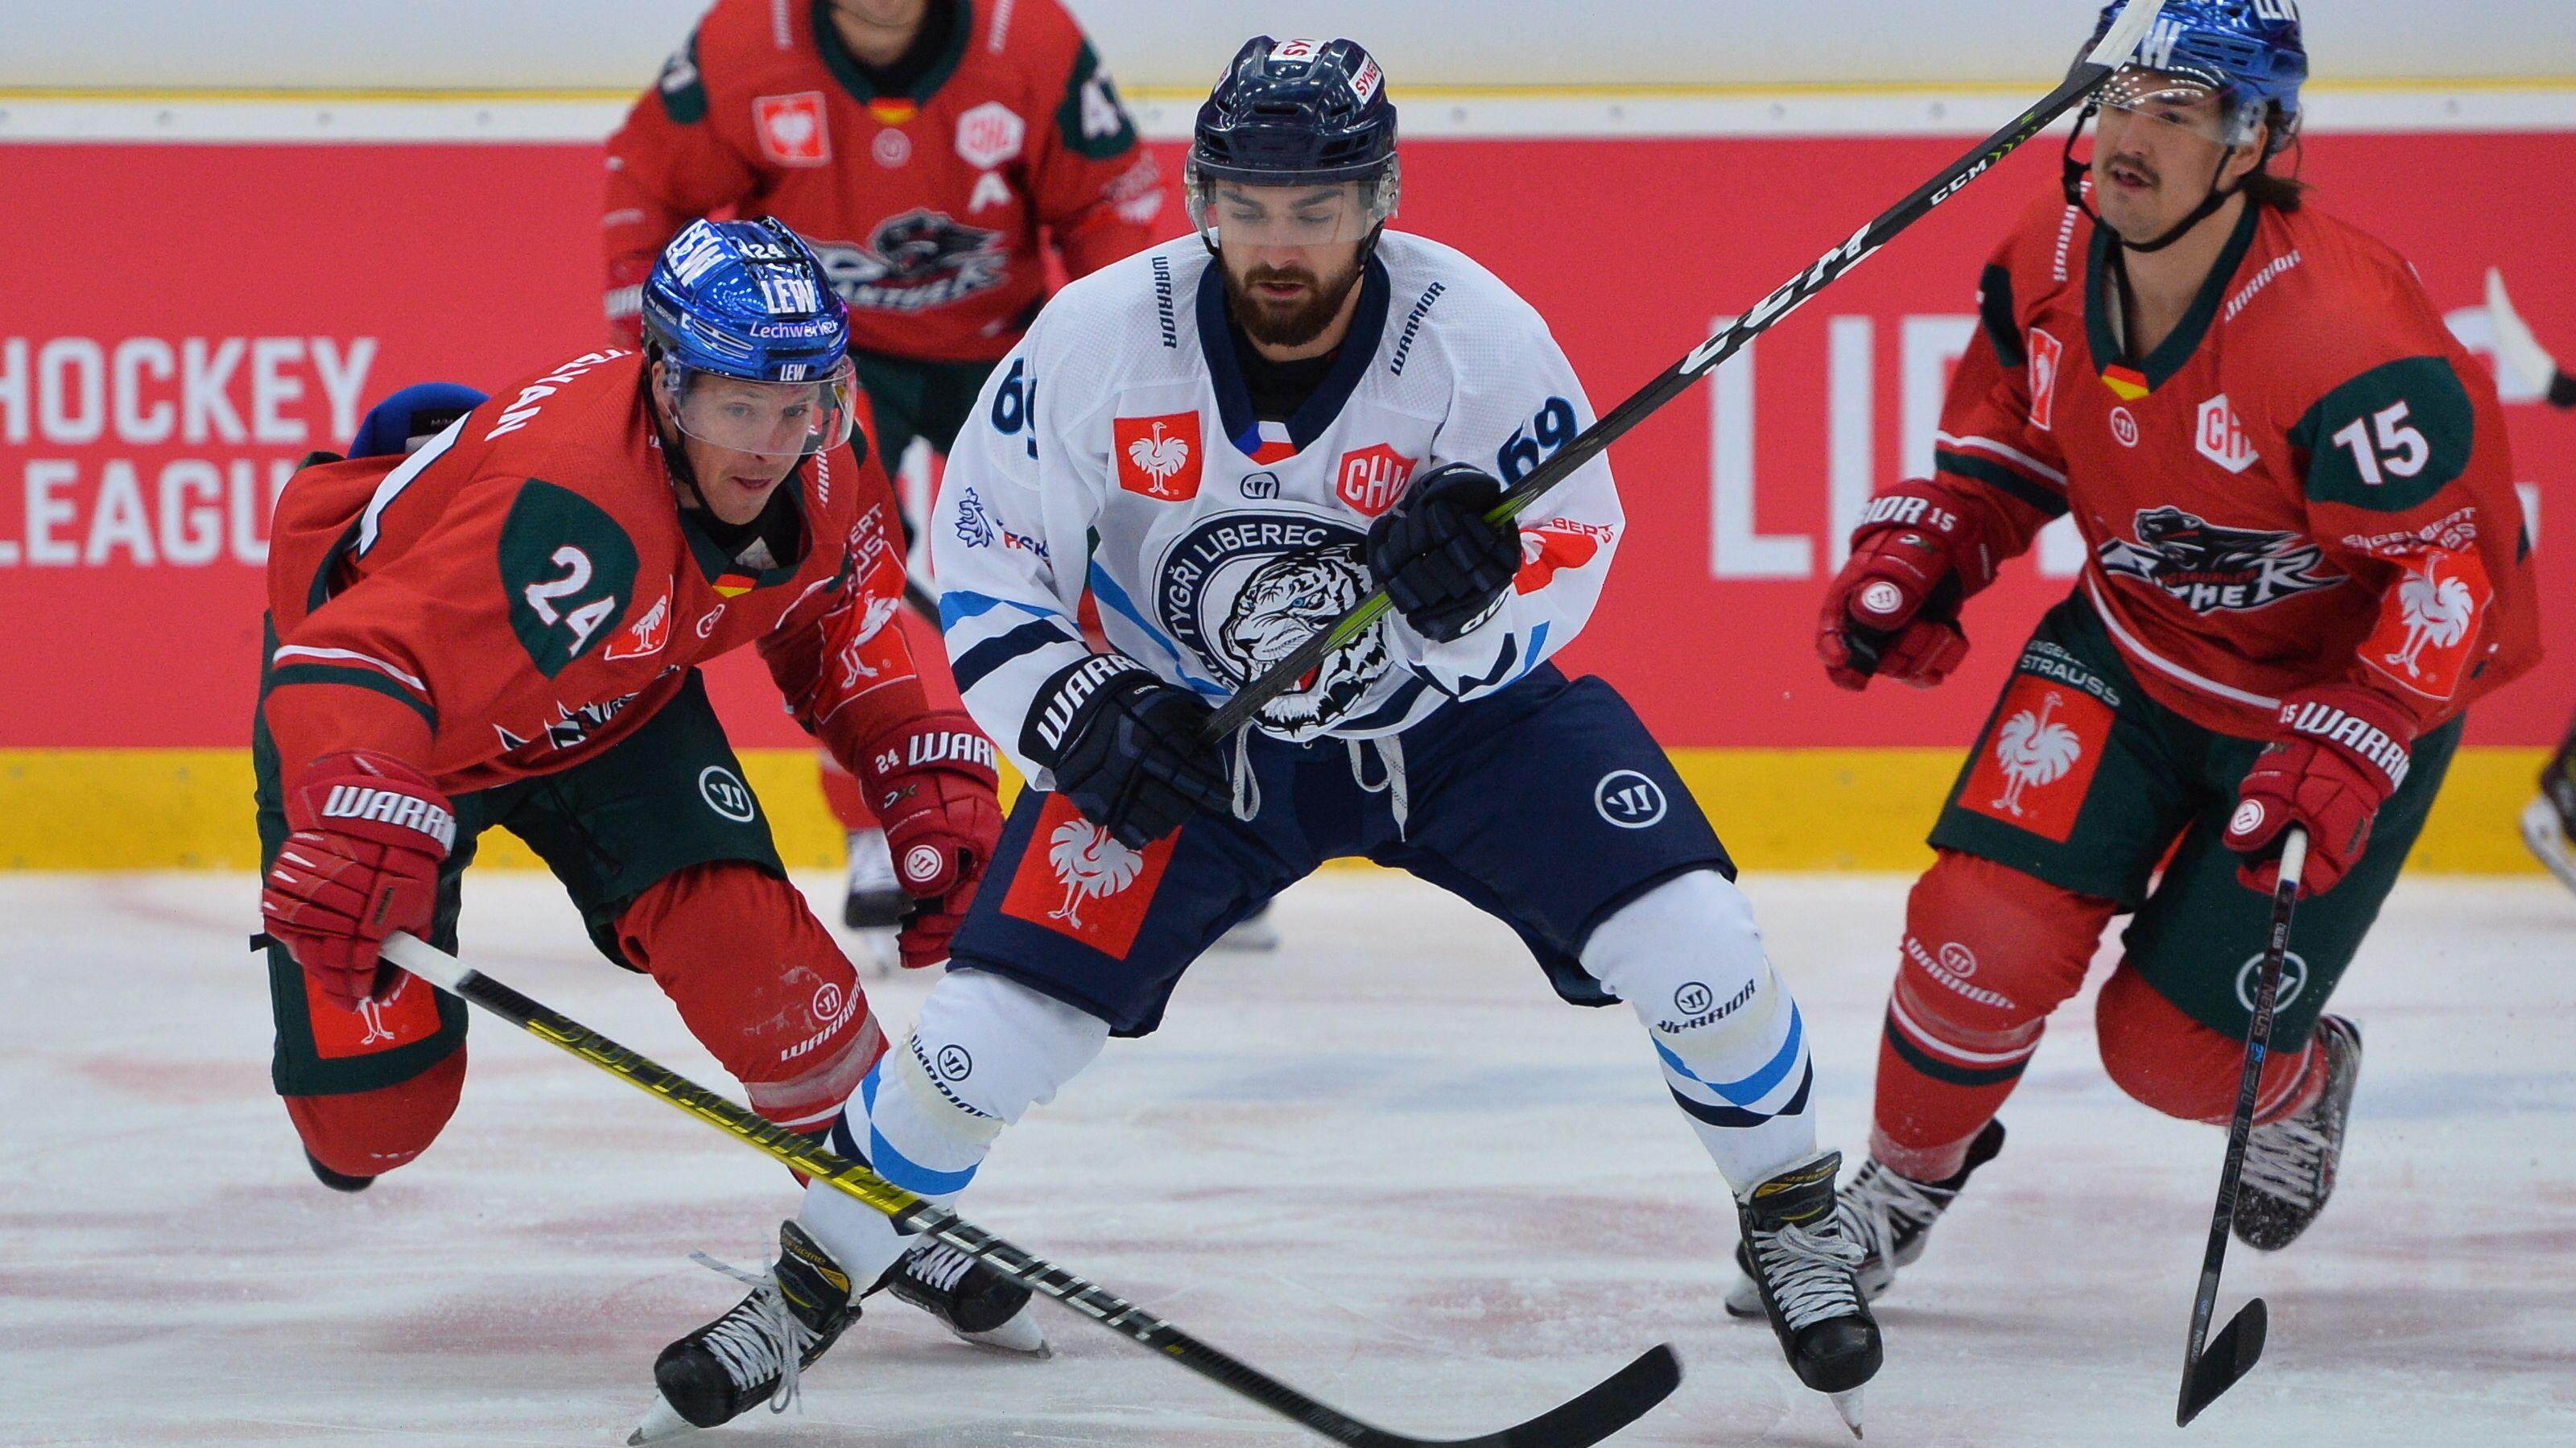 Eishockey-Spieler der Augsburger Panther und von Bili Tygri Liberec